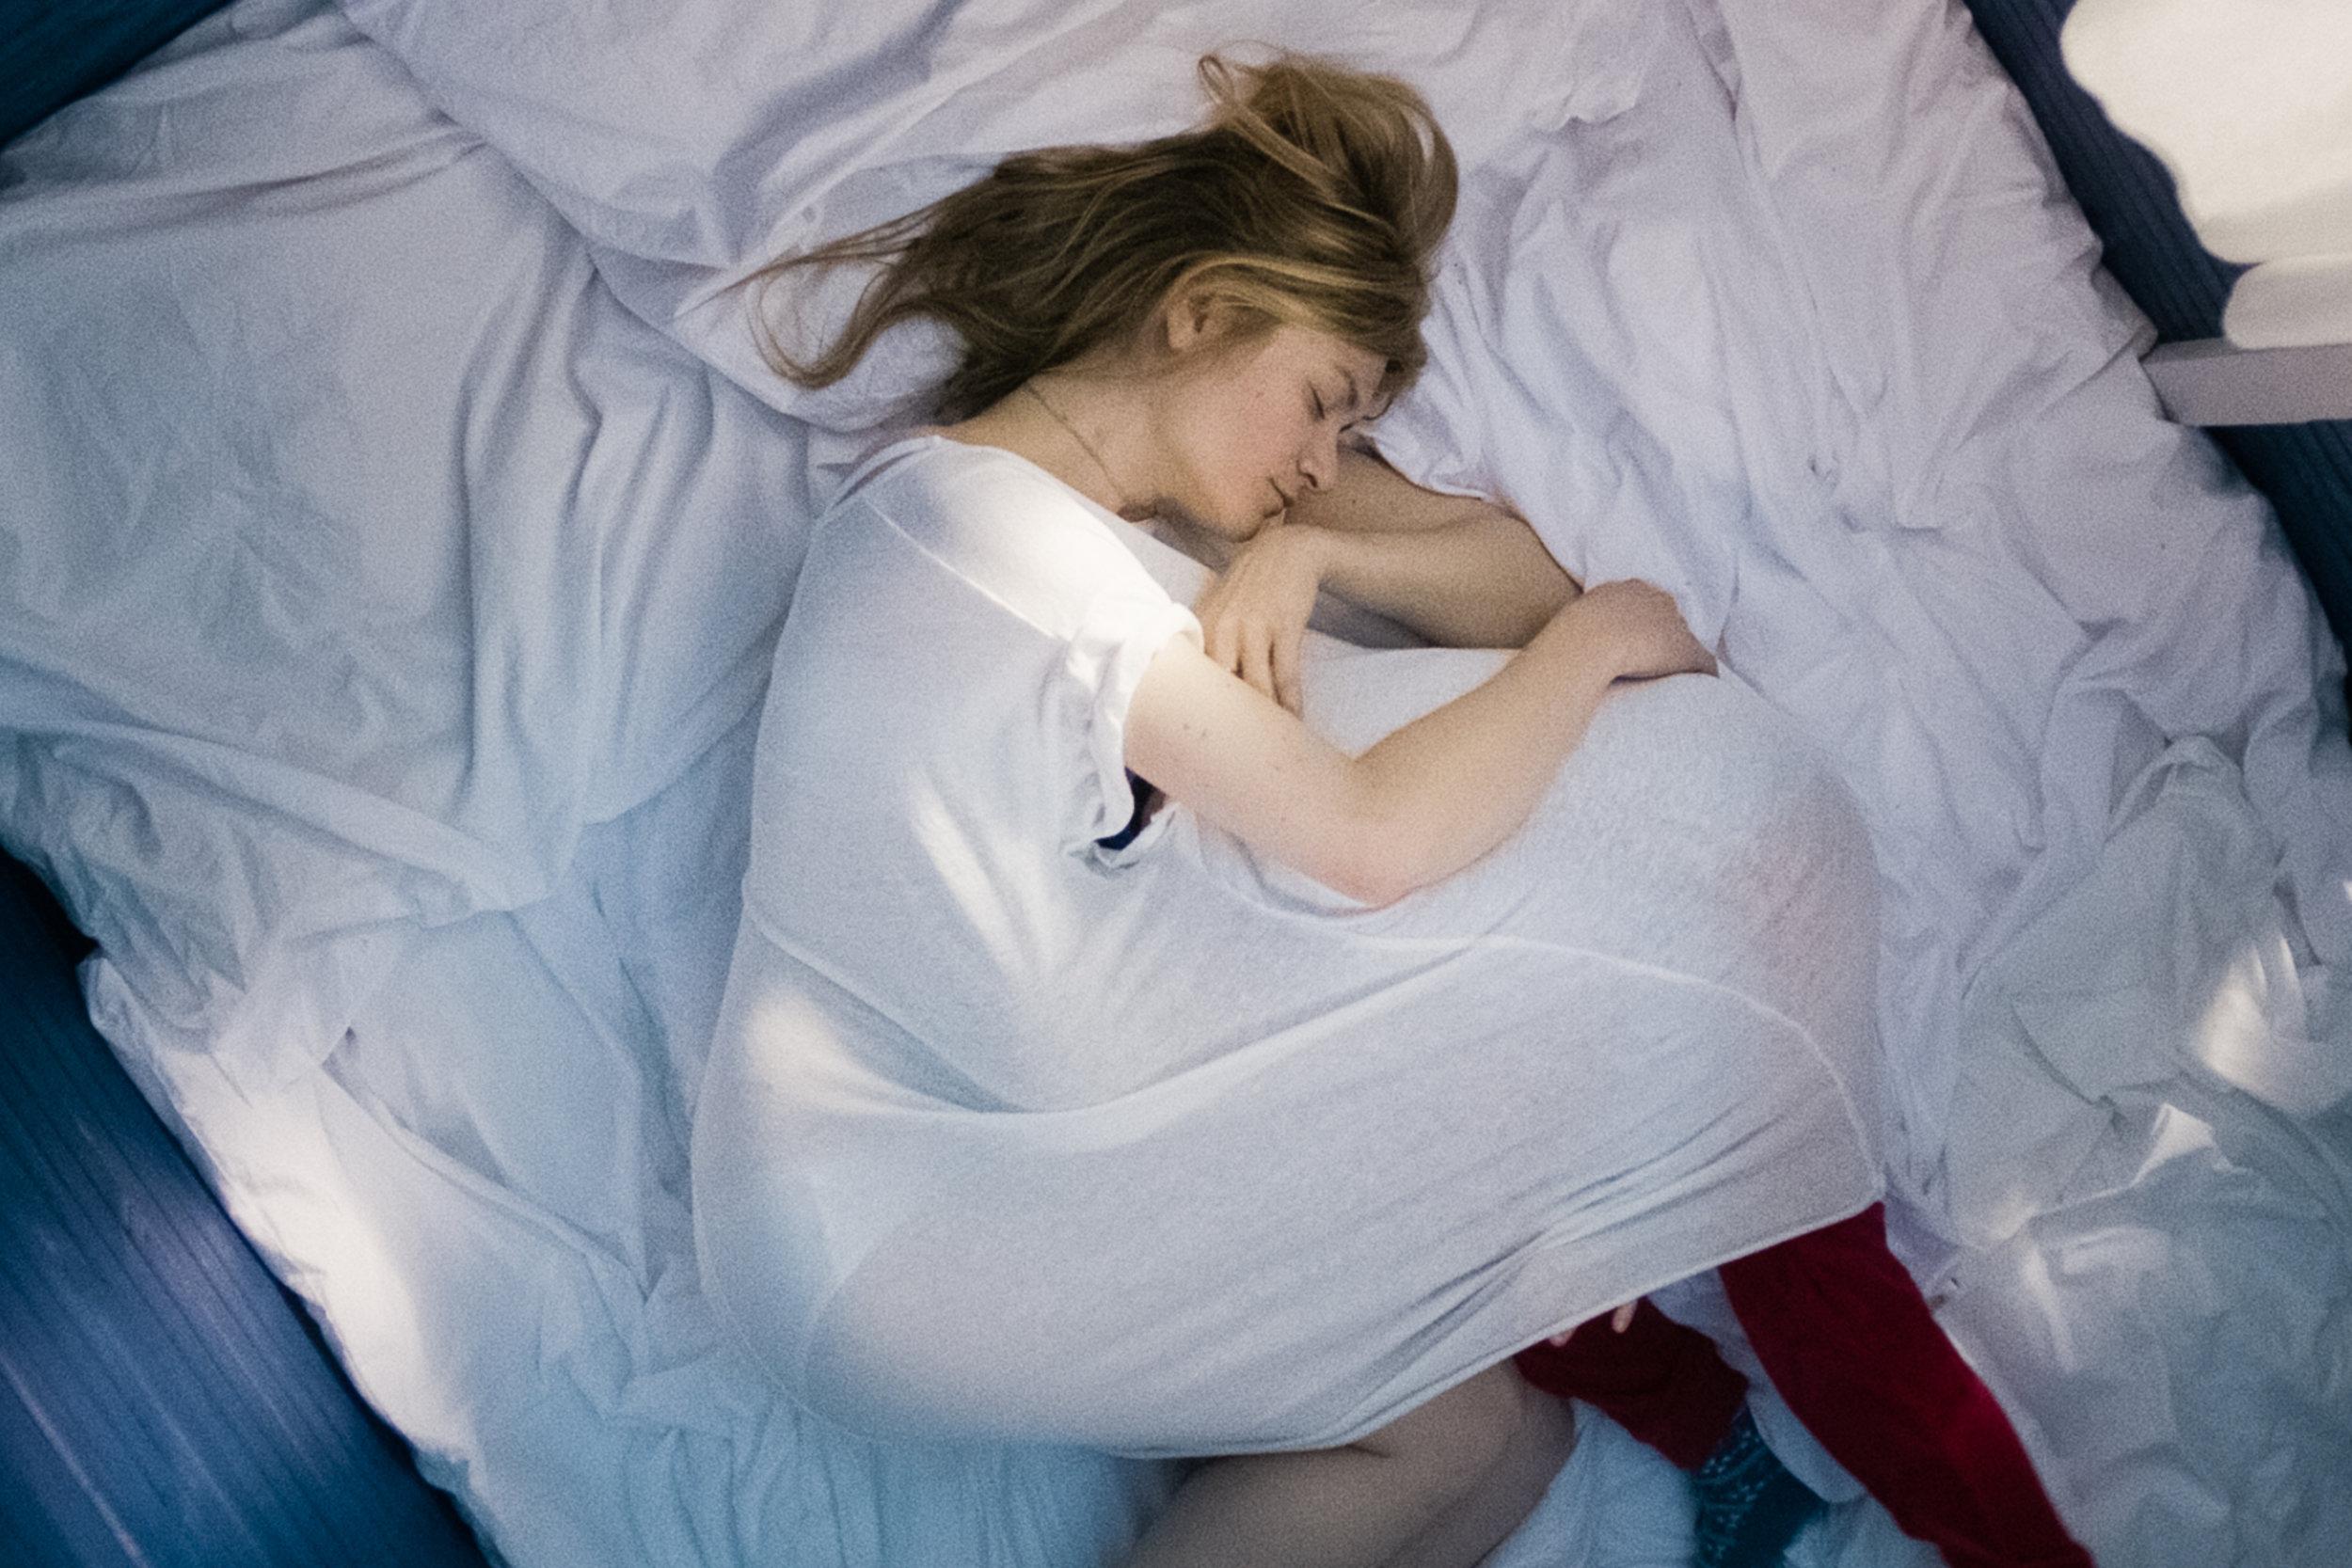 Astrid Lorentz (Julia Jentsch) sørger etter å foretatt sitt livs vanskeligste valg. Her trøster hun seg sammen med sin førstefødte datter.